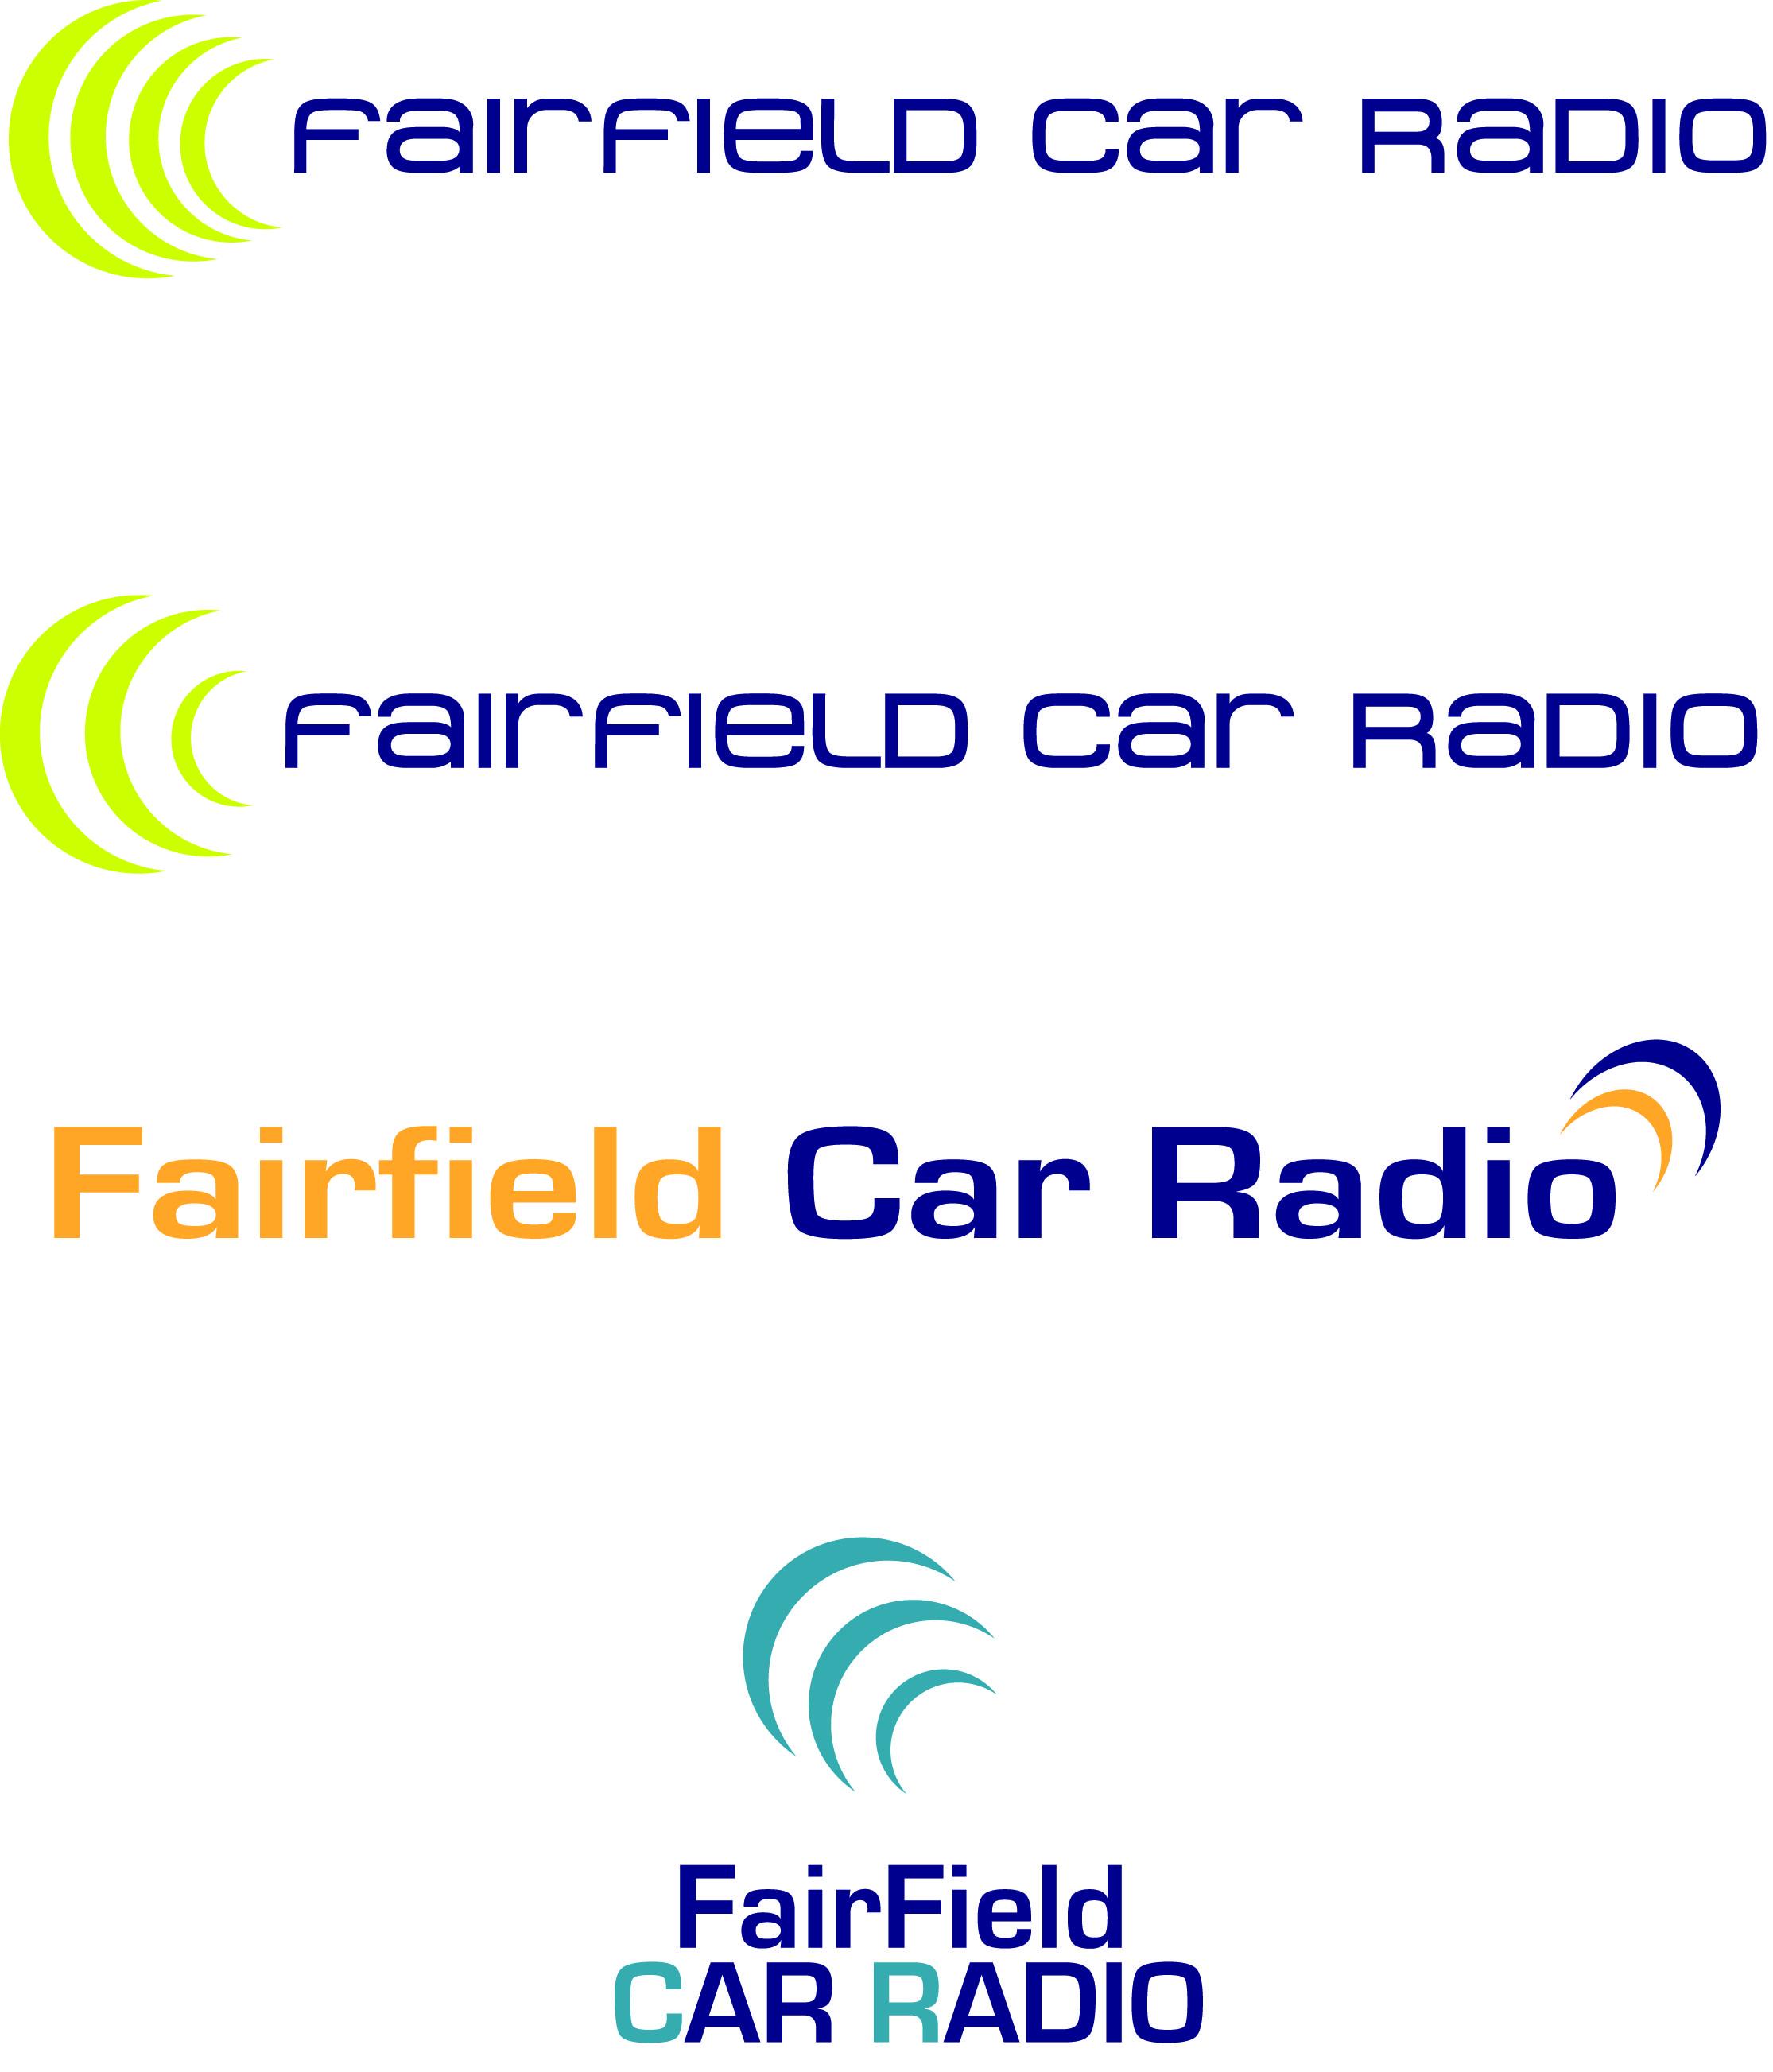 fairfield car radio